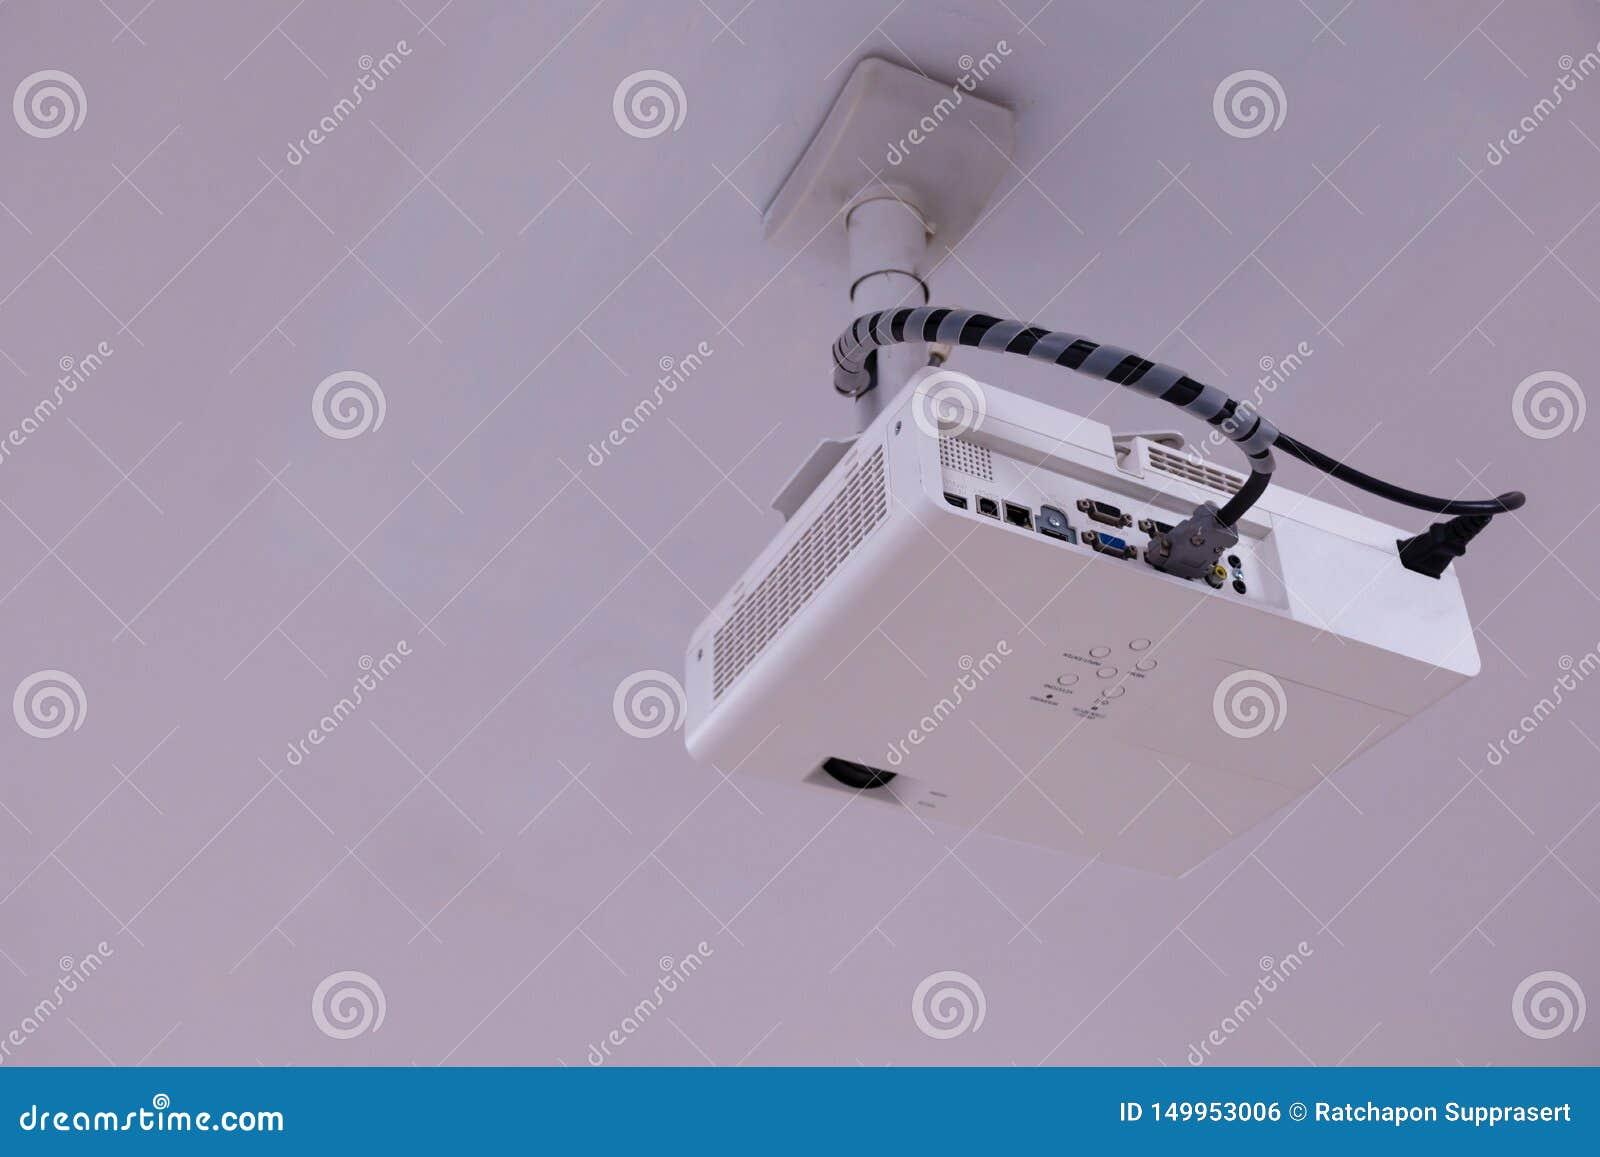 Proyector ascendente cercano de las multimedias instalado en el techo